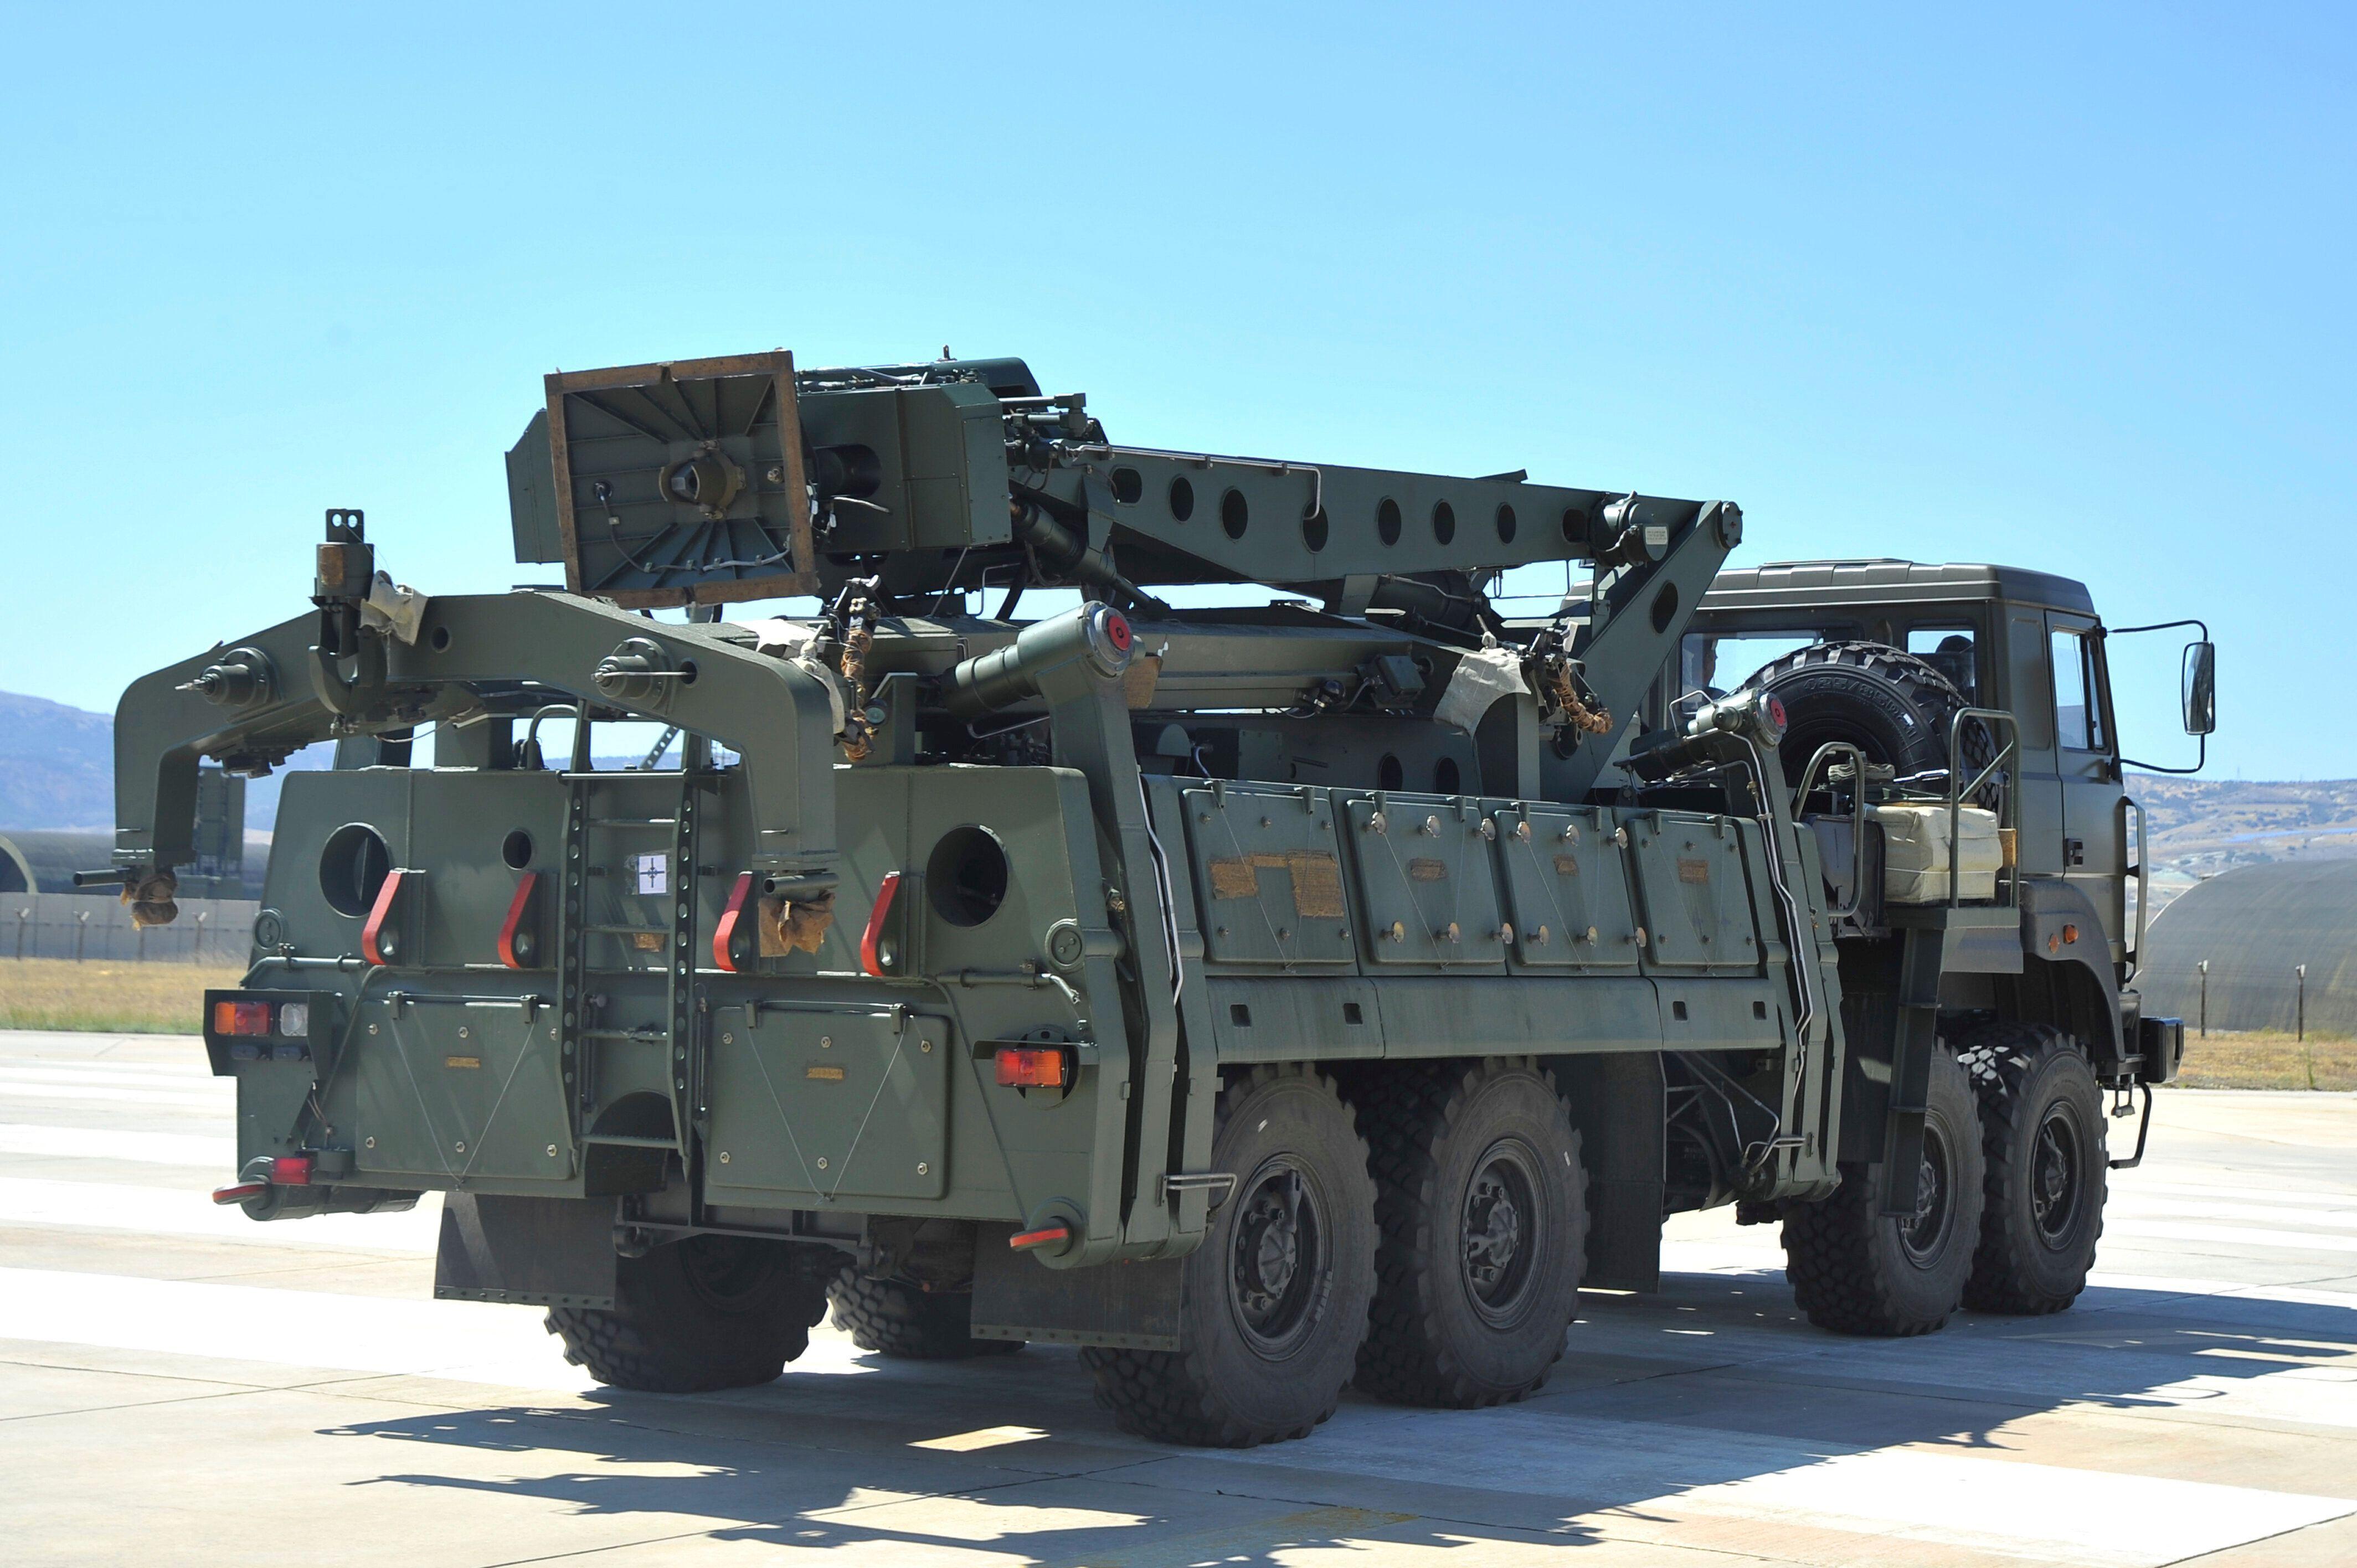 Ερντογάν προκαλεί ΗΠΑ: Δεν έχει σημασία που δεν ήθελαν να δοκιμάσει η Τουρκία τους S-400 | HuffPost Greece